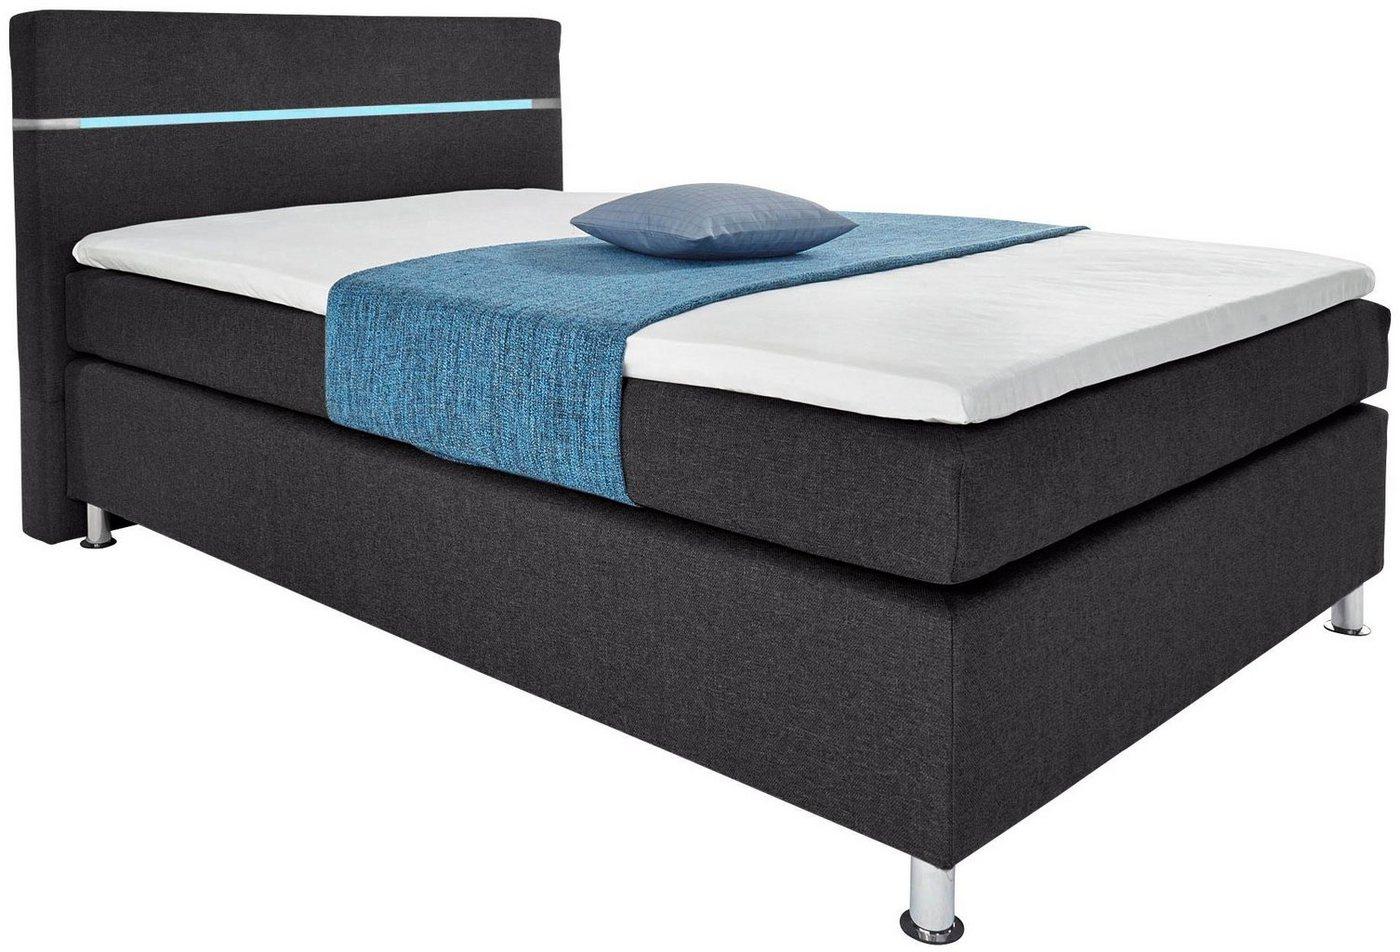 adidas samba blau preisvergleiche erfahrungsberichte und kauf bei nextag. Black Bedroom Furniture Sets. Home Design Ideas